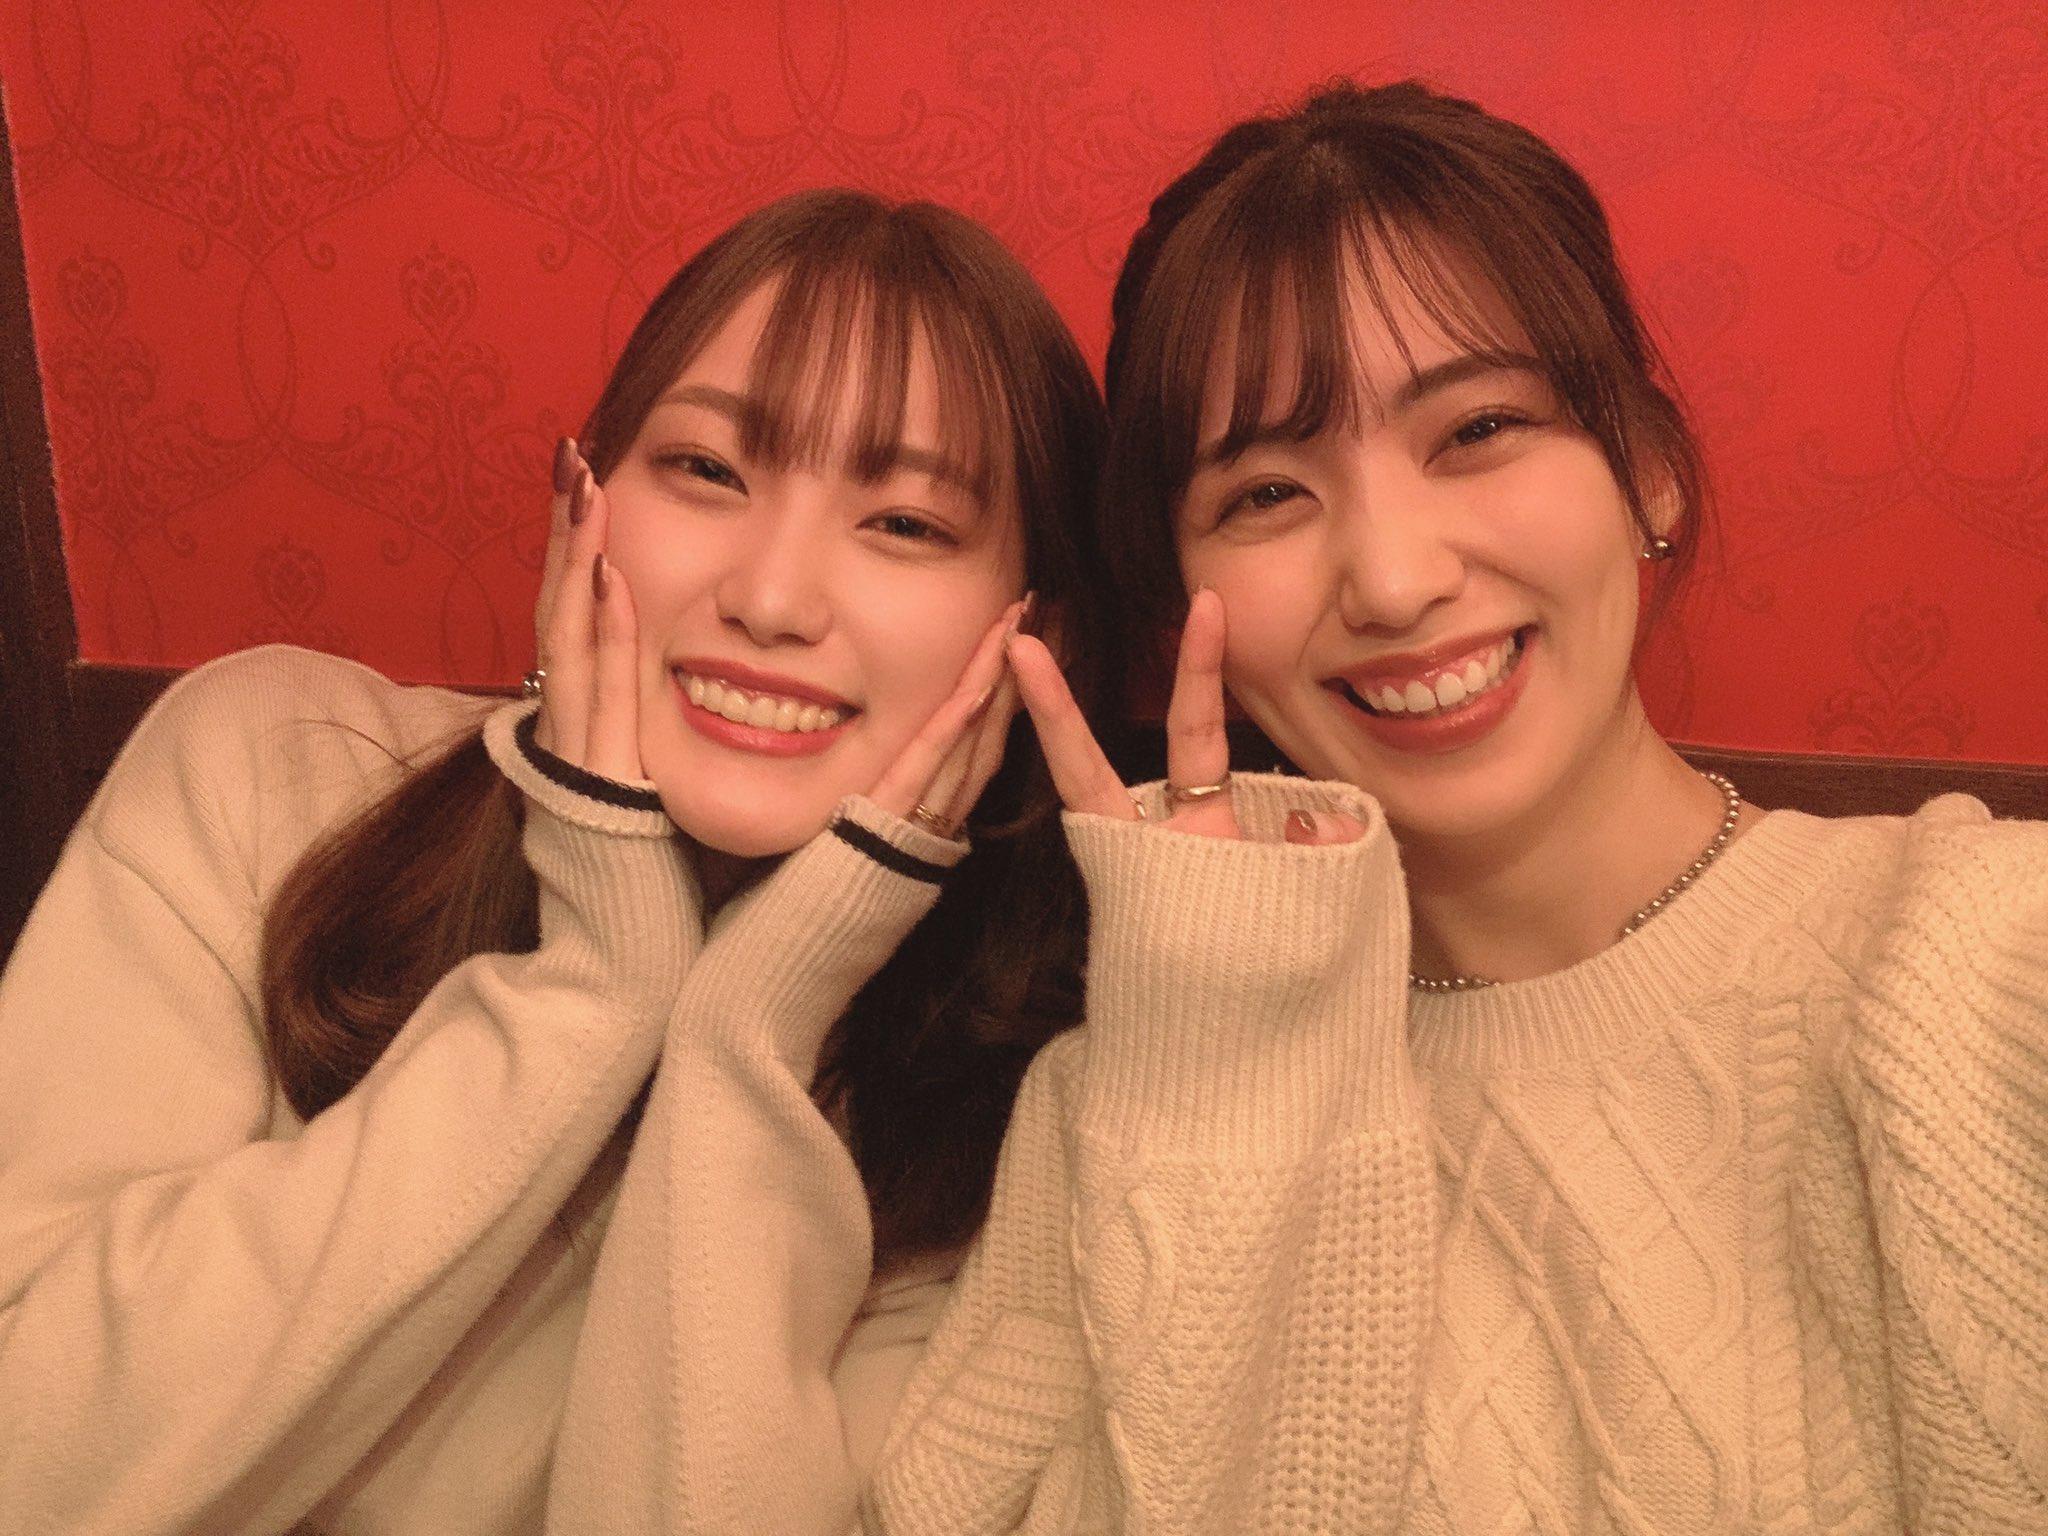 【画像あり】3大ブスだけど抜けるAV女優「美谷朱里」「水野朝陽」